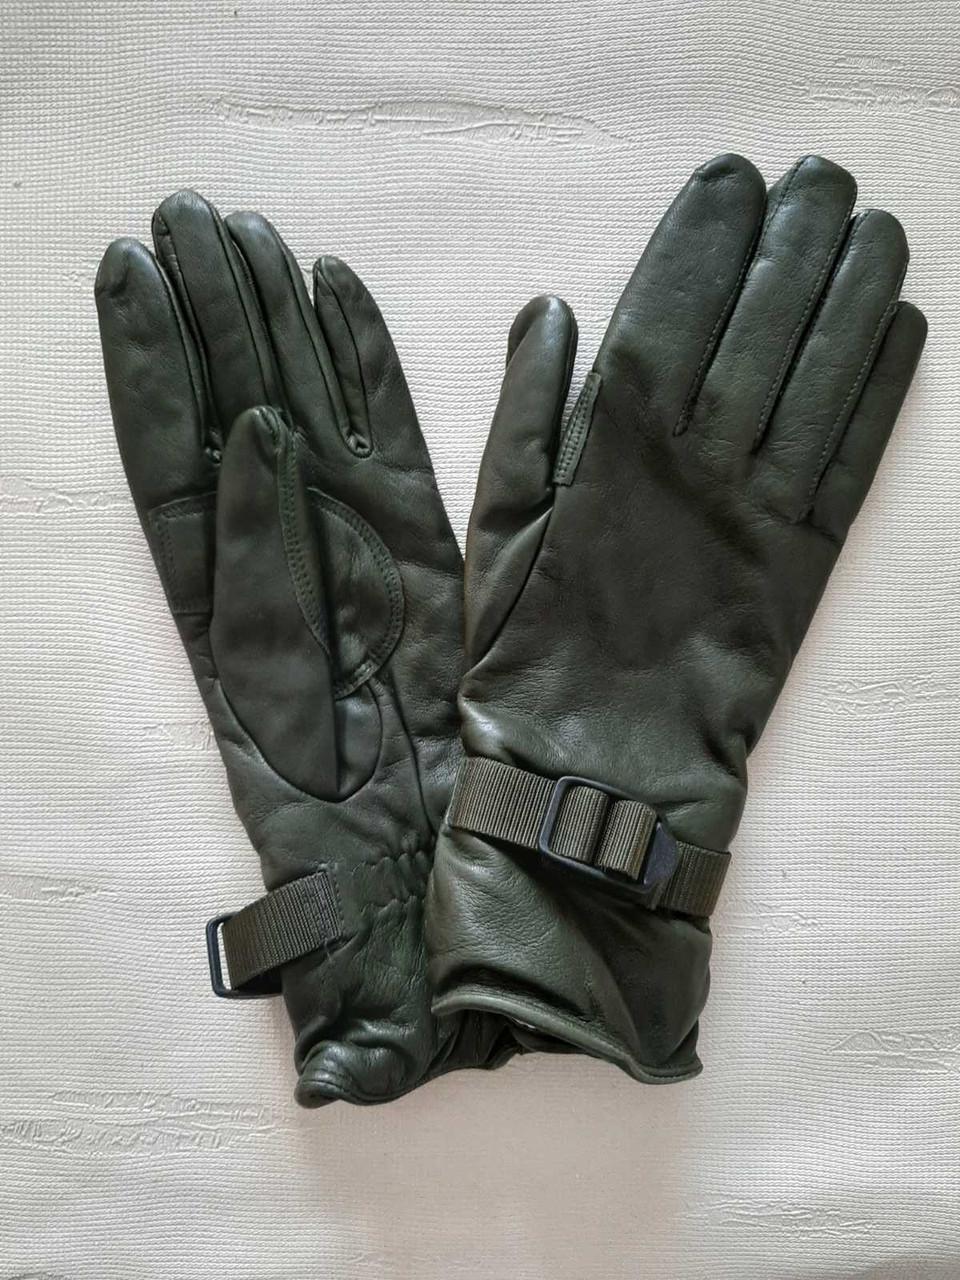 Перчатки Gloves Combat MK II  OLIVE  Британия Высший сорт